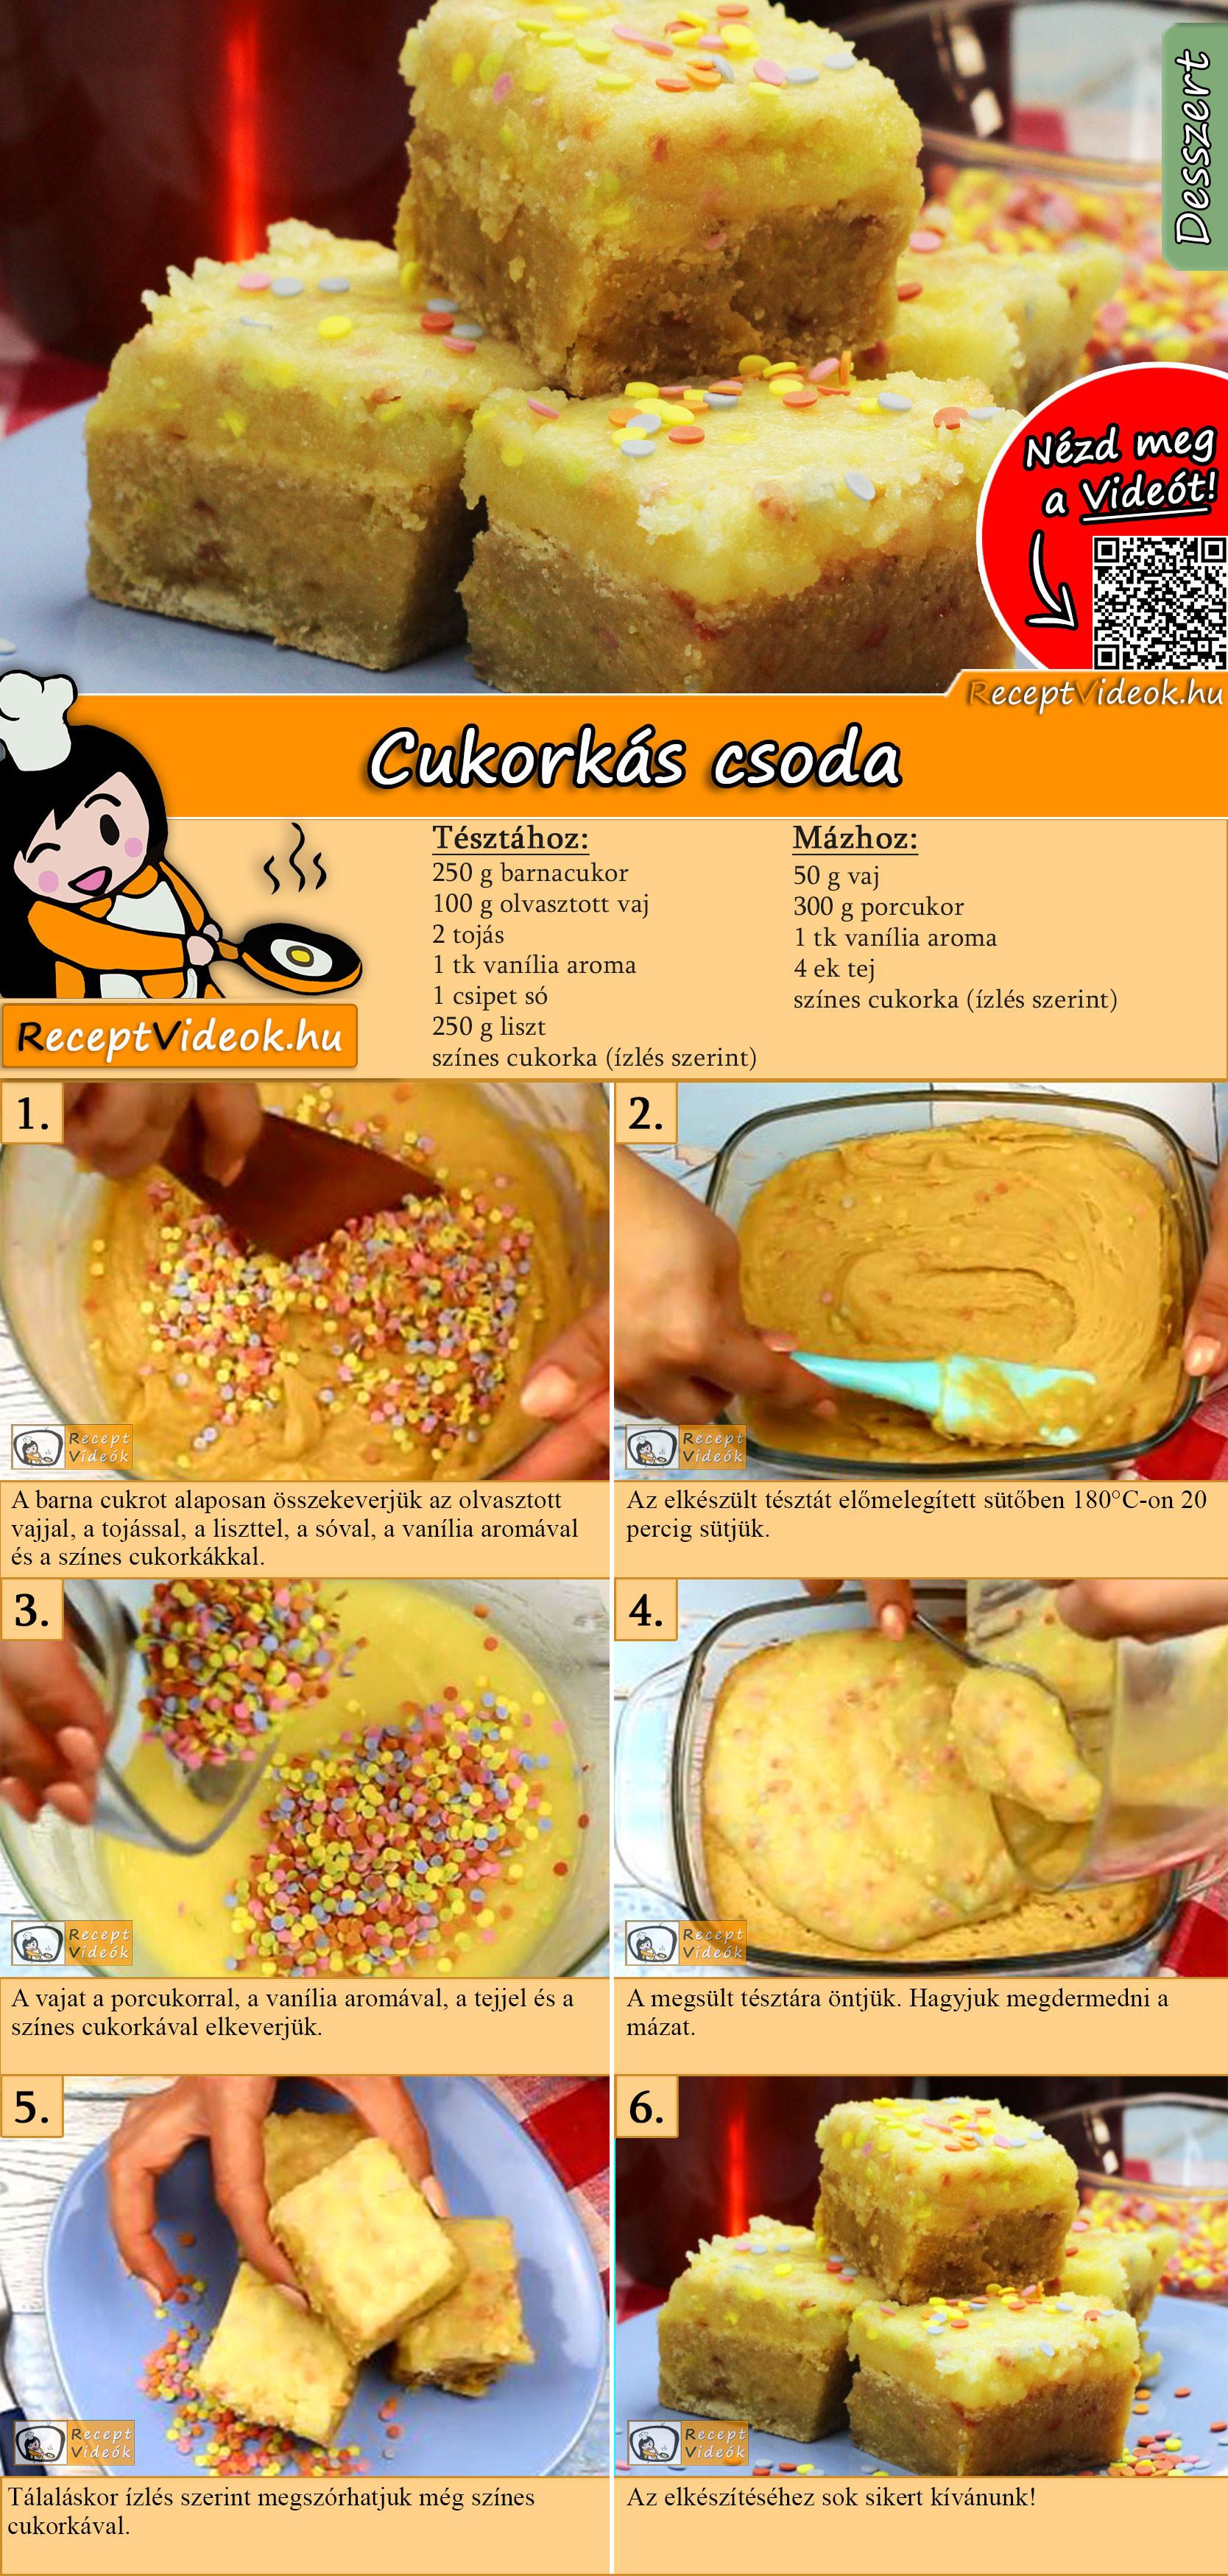 Cukorkás csoda recept elkészítése videóval